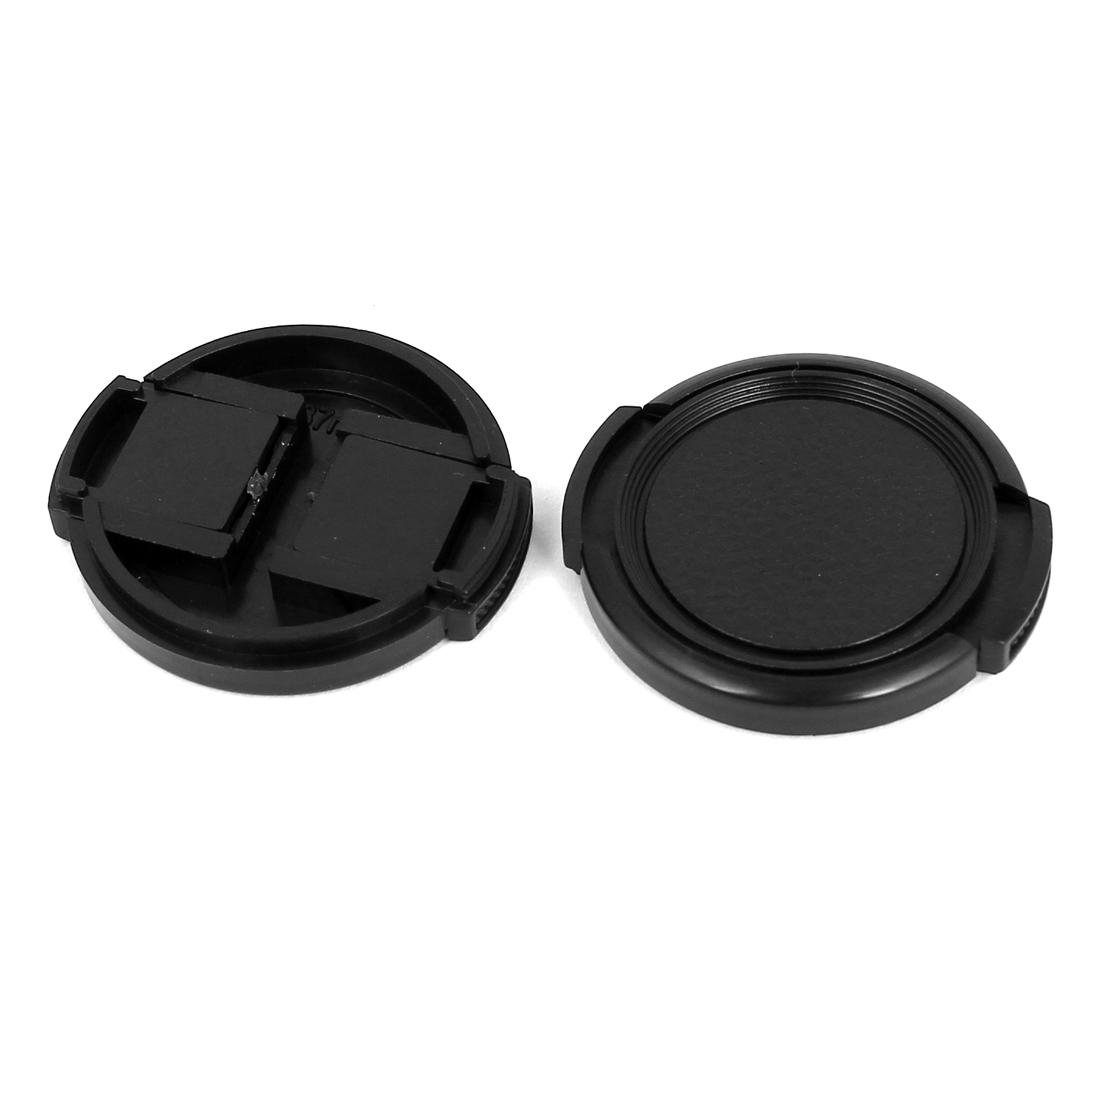 37mm Dia Vintage Style Plastic Front Snap Digital Camera Lens Cap Protector 2Pcs